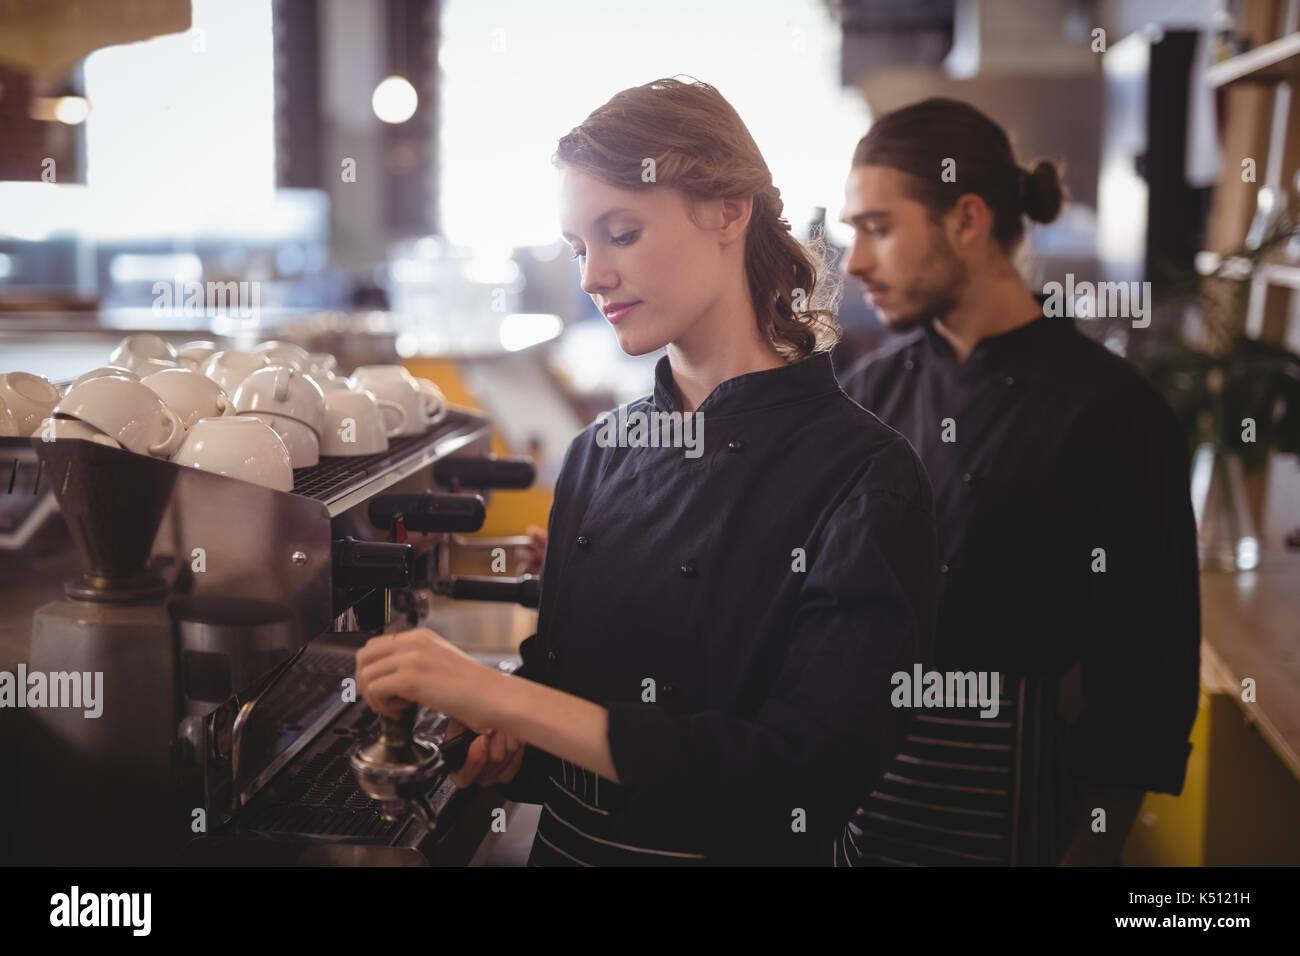 Junge warten mit Espressomaschine in Coffee shop Personal Stockbild